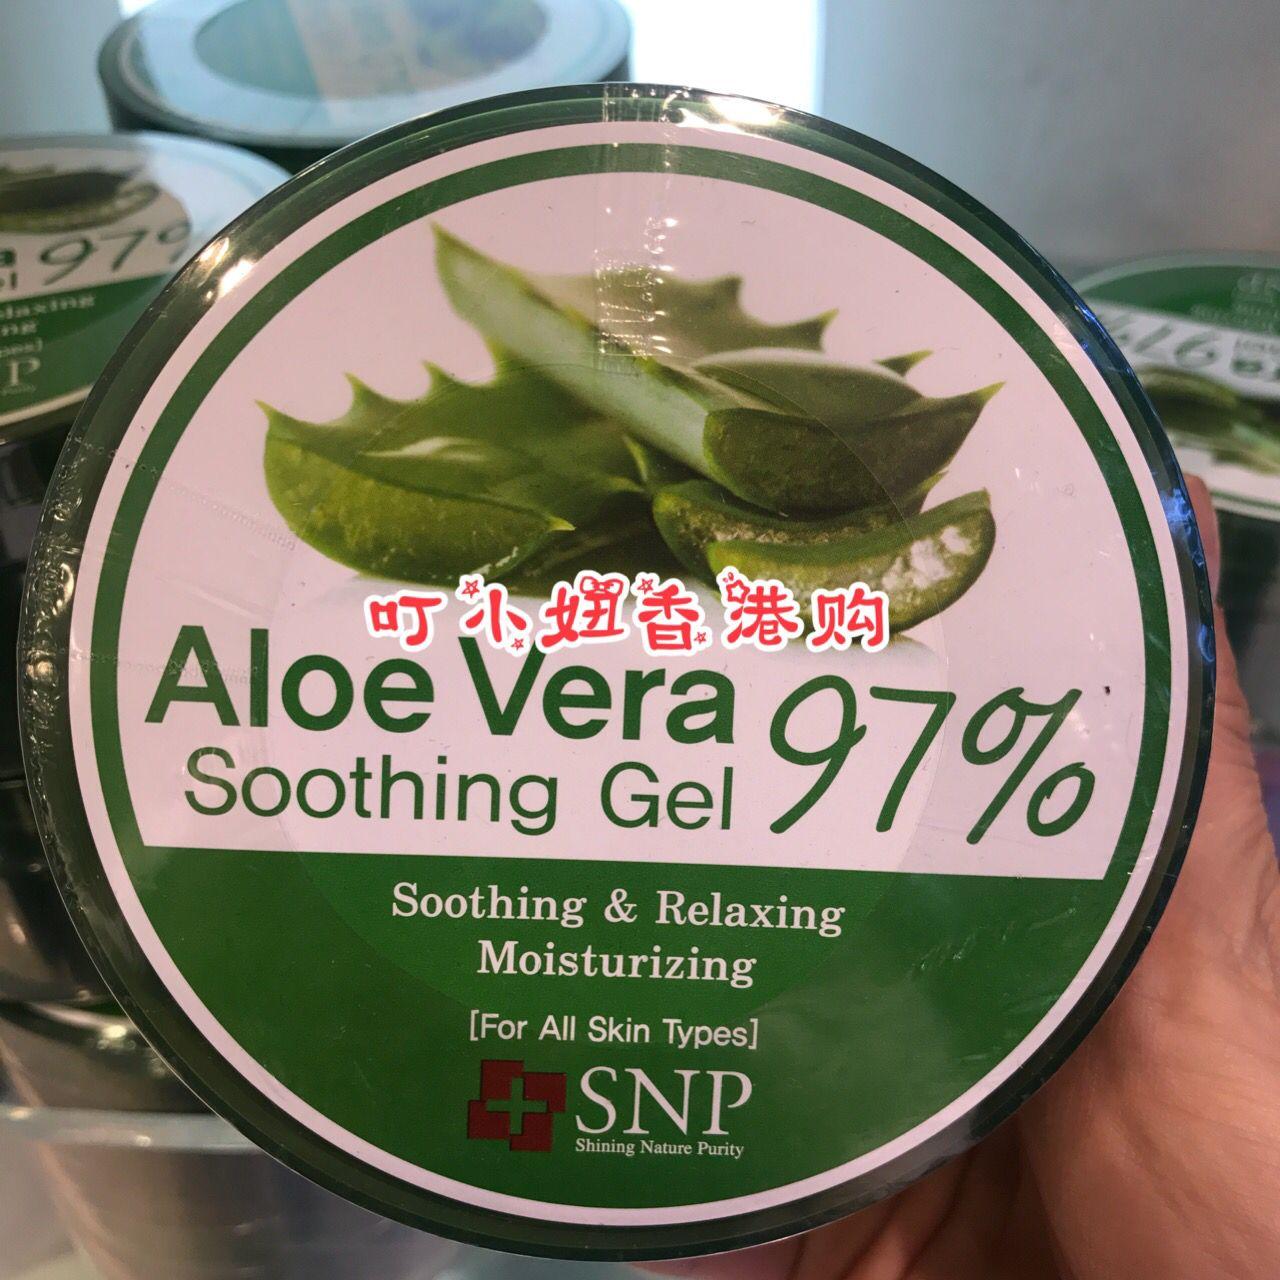 Hong Kong Corea del Sud, farmacia SNP97% Aloe di gel idratante alleviare la Pelle di Aloe Vera.